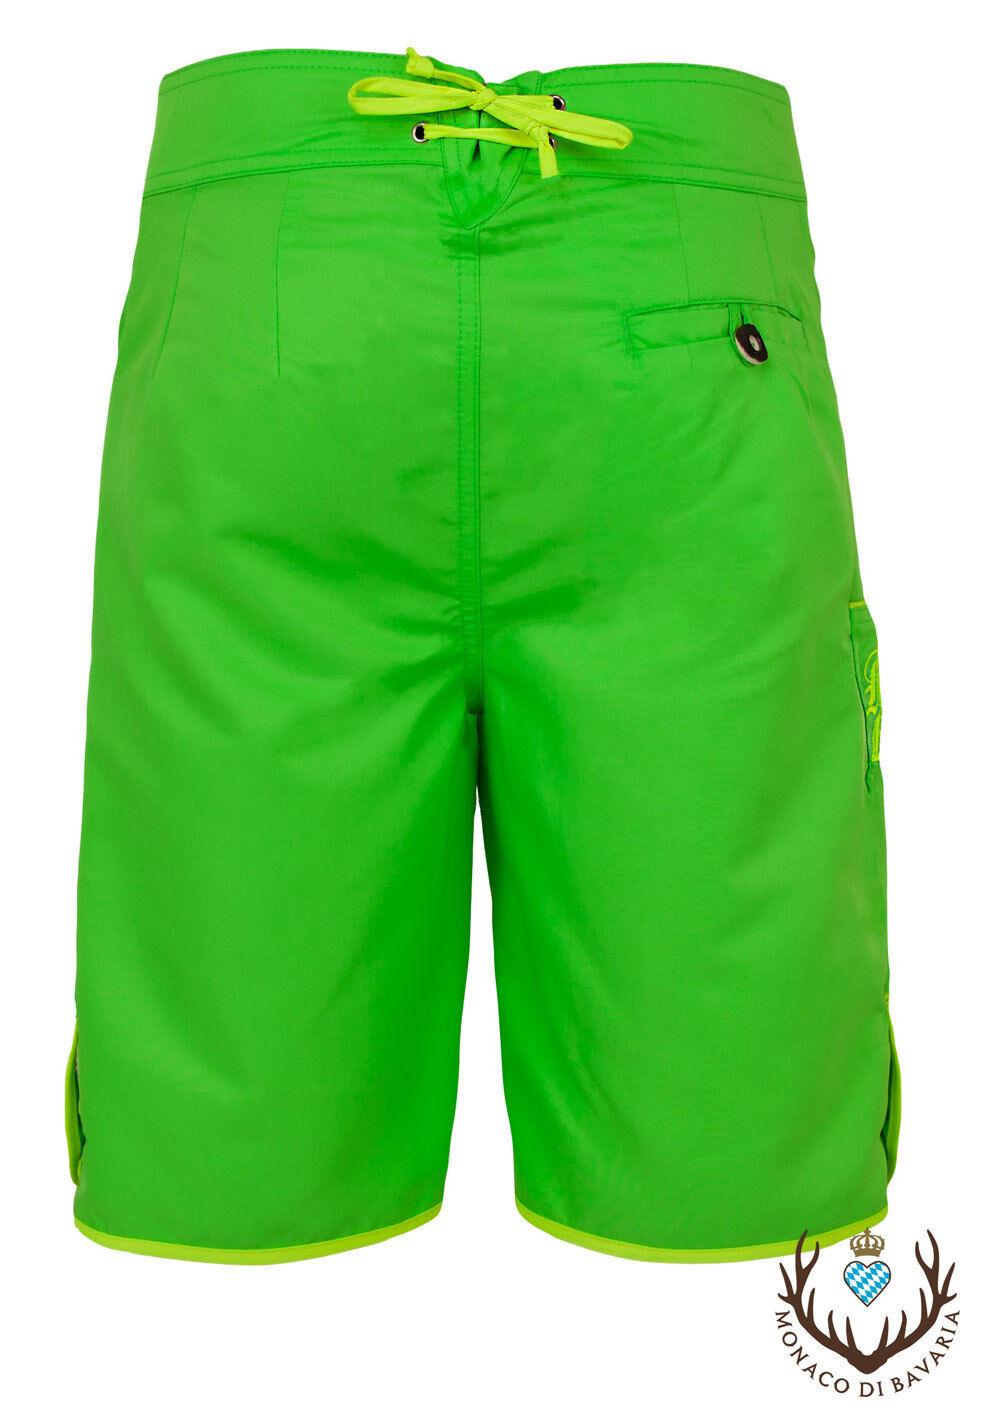 Die Neonfarbene aus Bayern Trachten Badehose Lederbadehose Lederbadehose Lederbadehose Badelederhose Wiesn  | Moderner Modus  | Gutes Design  | Moderne und stilvolle Mode  29e8bb